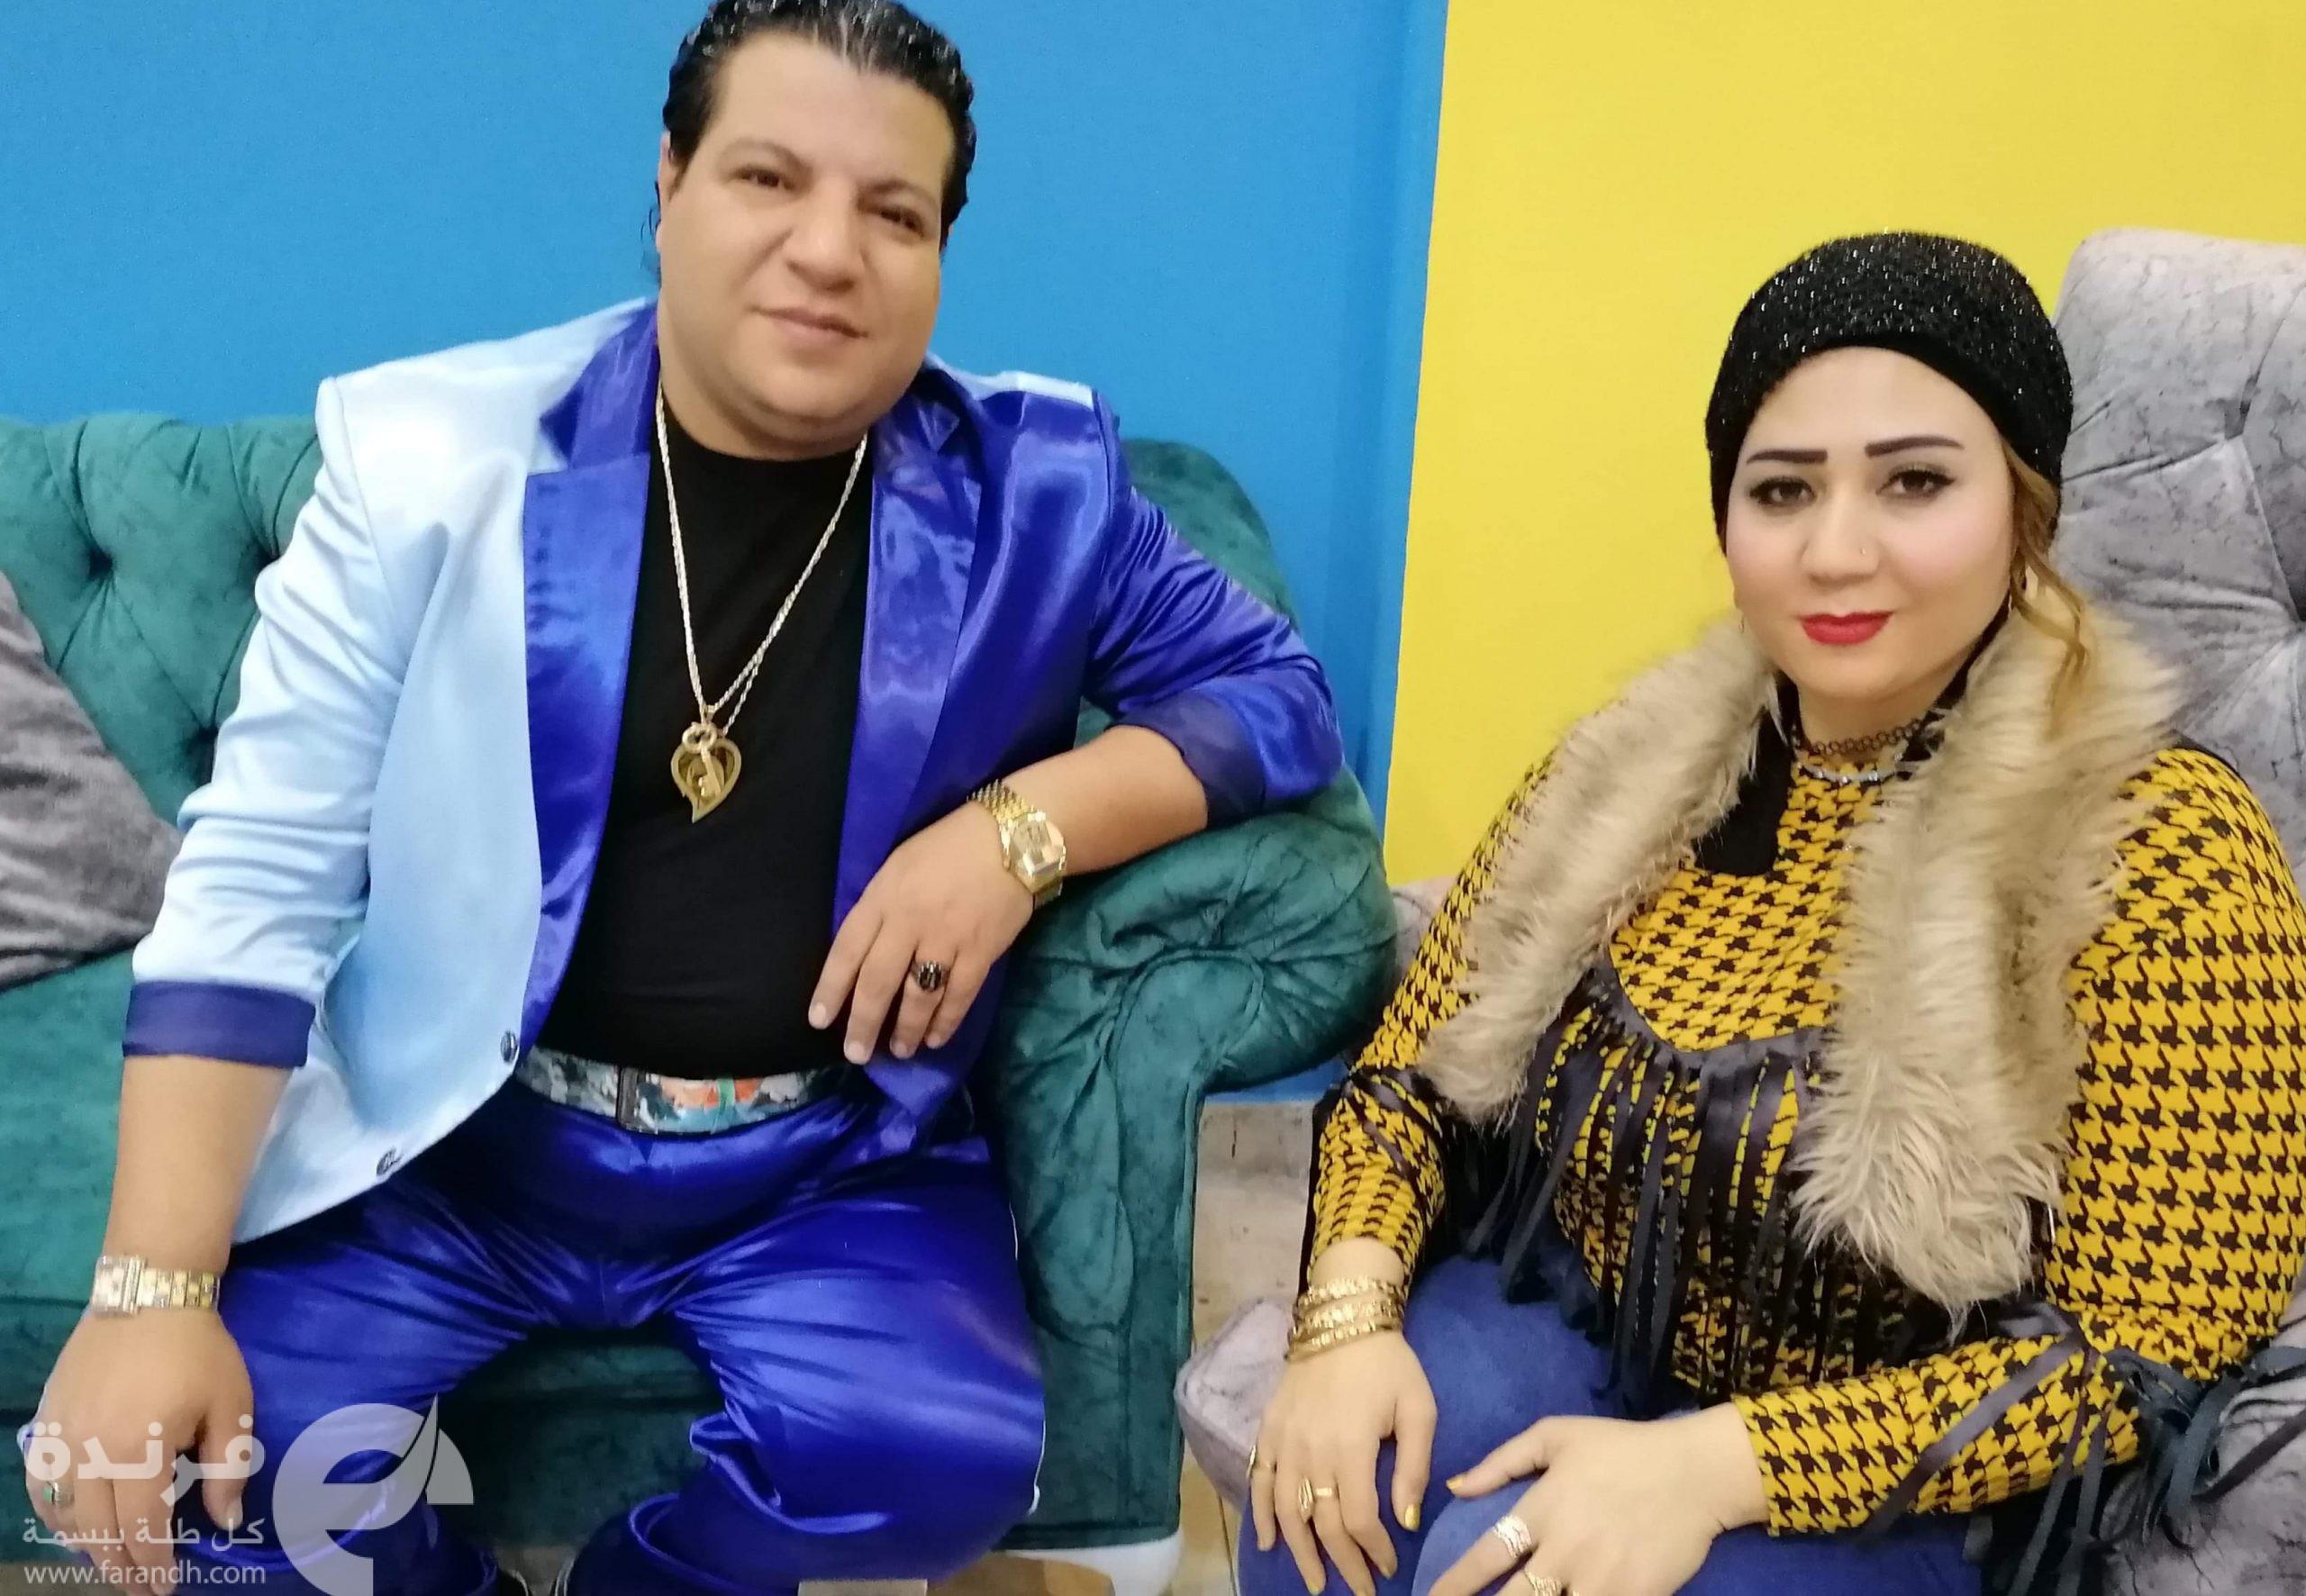 خميس شعبان عبد الرحيم يرتجل أغنية خاصة للأعلامية جيجي سالم | حوار فيديو